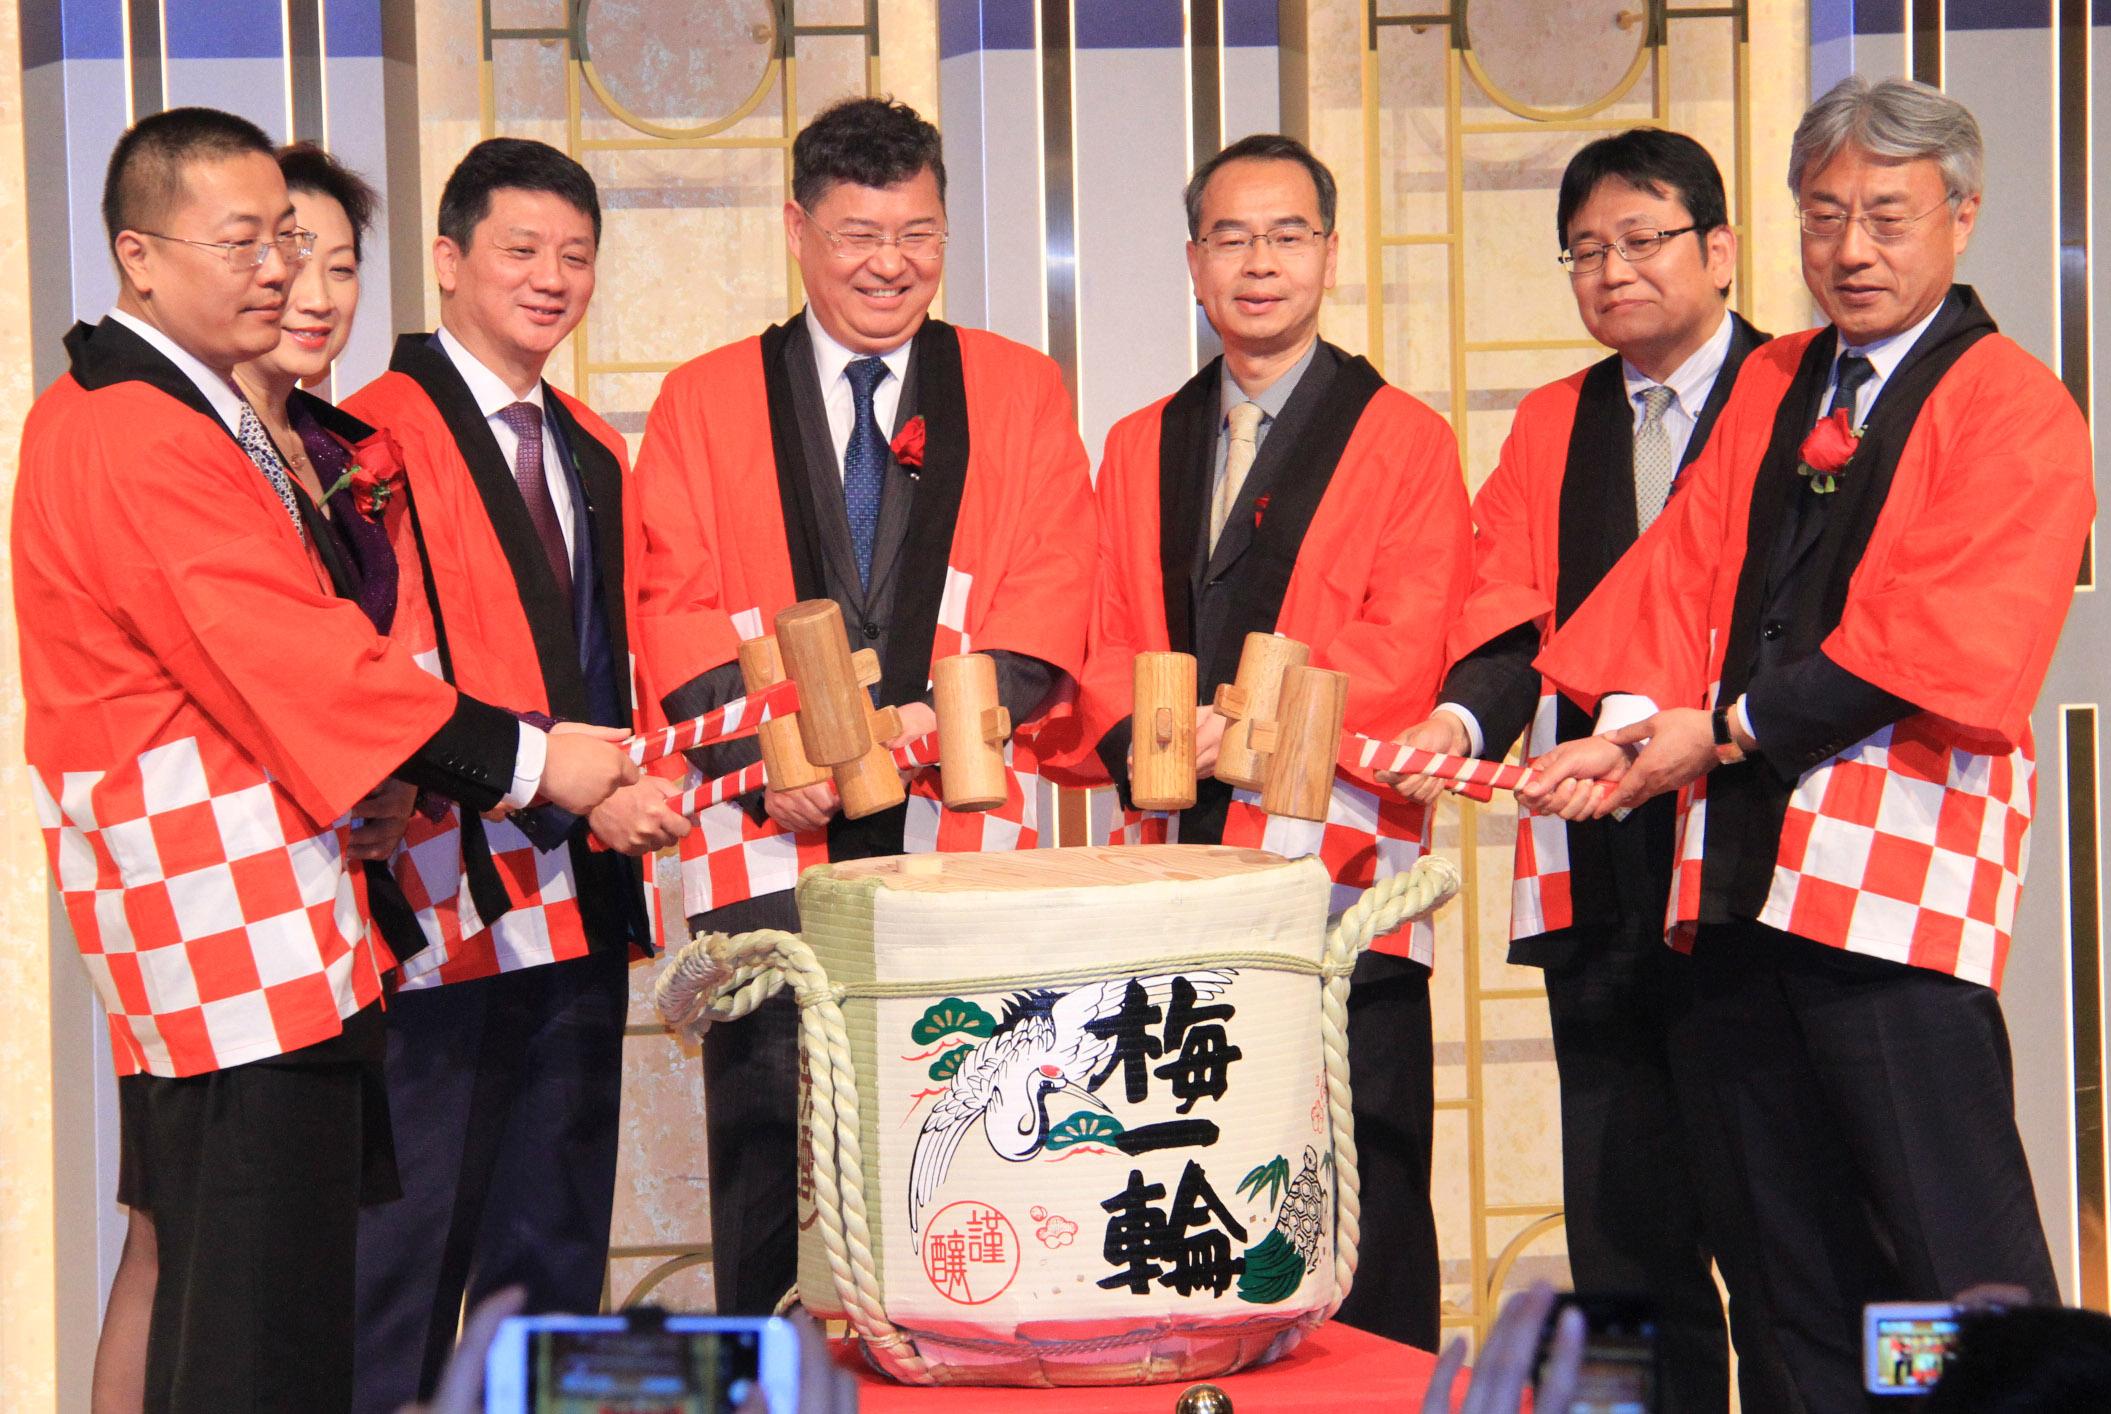 """中国绿地集团去年12月底宣布进入日本市场,与日本连锁免税店Laox(乐购仕)株式会社联合收购了位于日本千叶县千叶市的千叶海港城综合商业设施。28日,绿地集团和Laox在千叶海港城举办项目启动庆典,为双方共同设立的项目运营主体""""绿地乐购仕千叶合同会社""""揭幕。"""